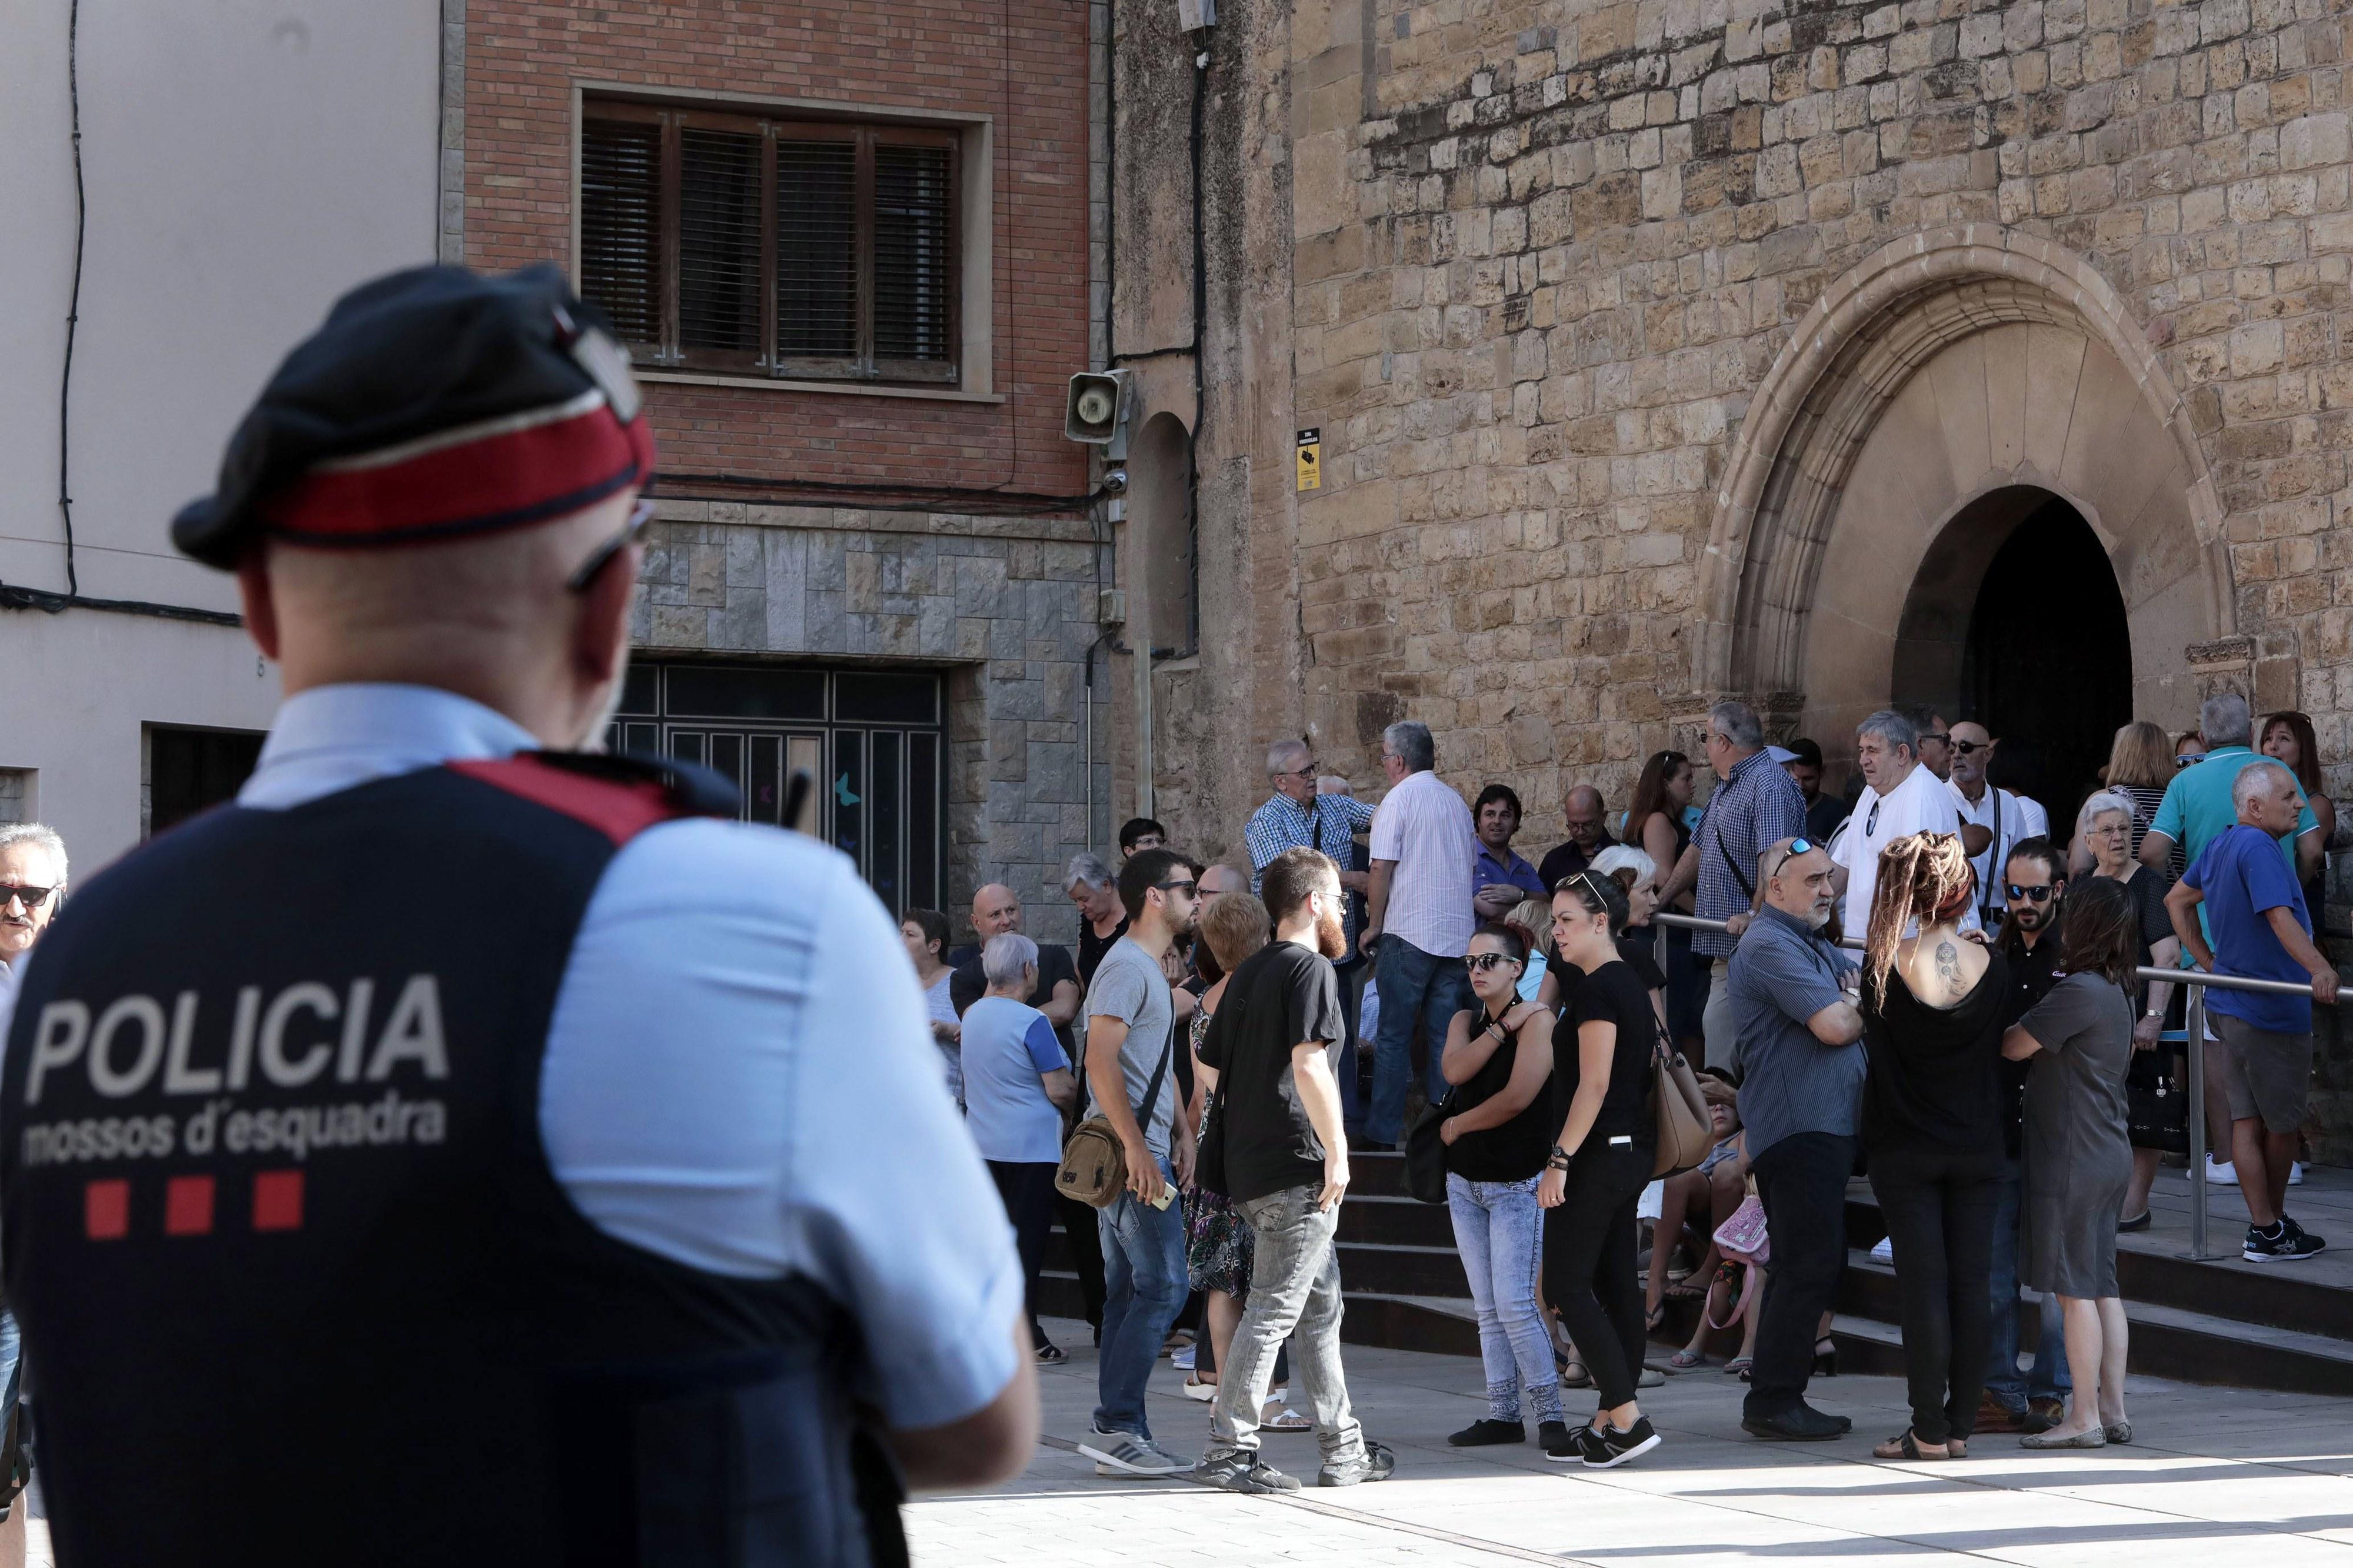 Policia catalã investiga novo incidente em Barcelona